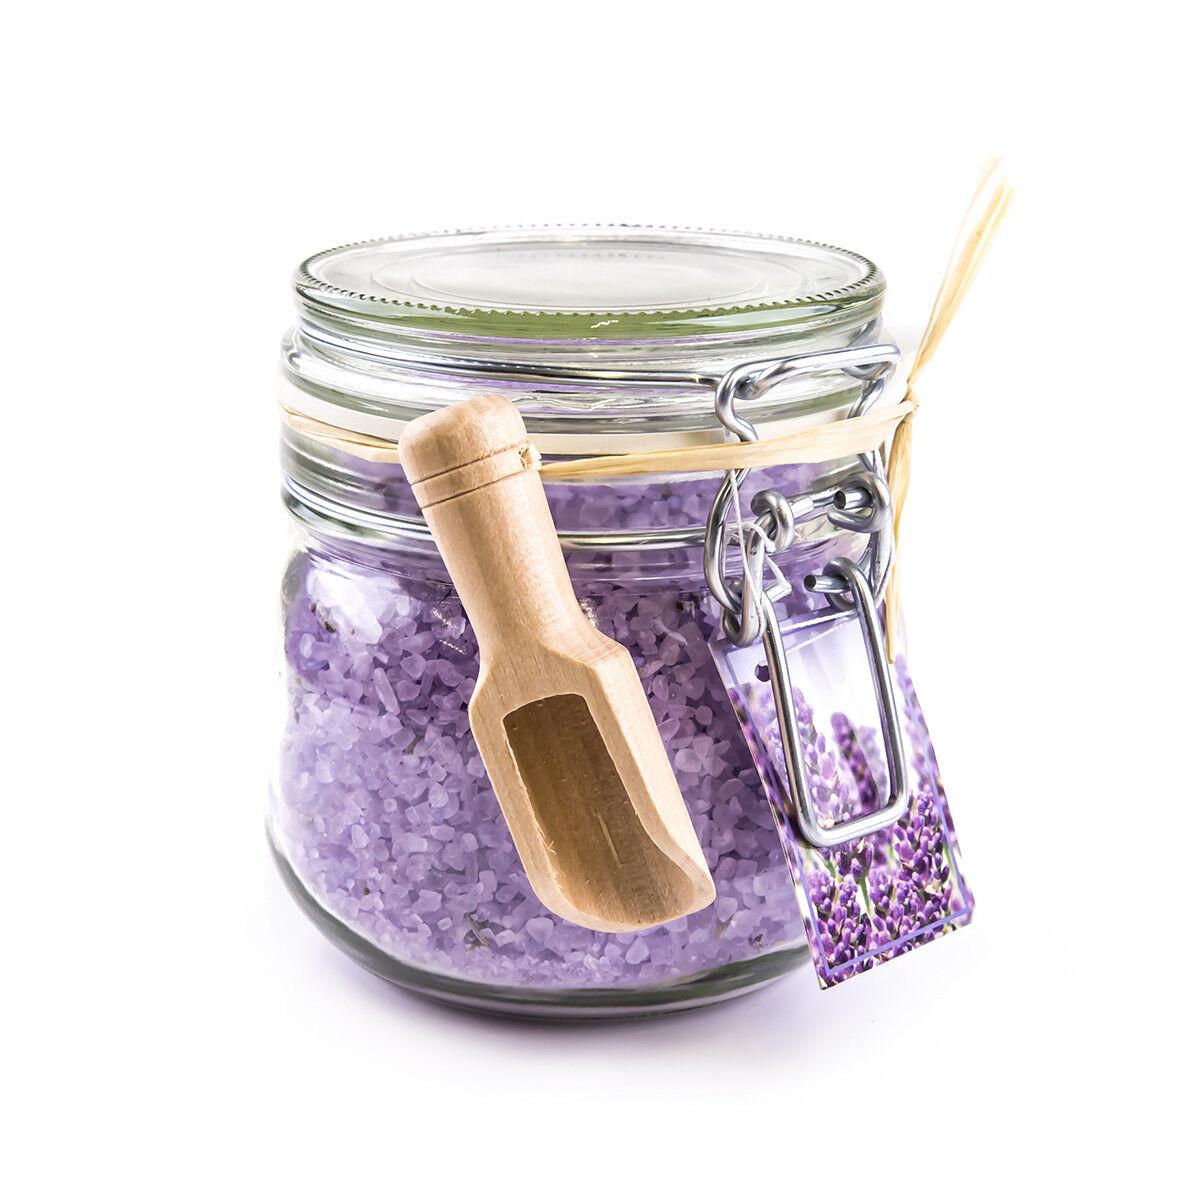 Wellness Badesalz im Glas Lavendelblüten & Lavendelduft 700g Badezusatz Geschenk